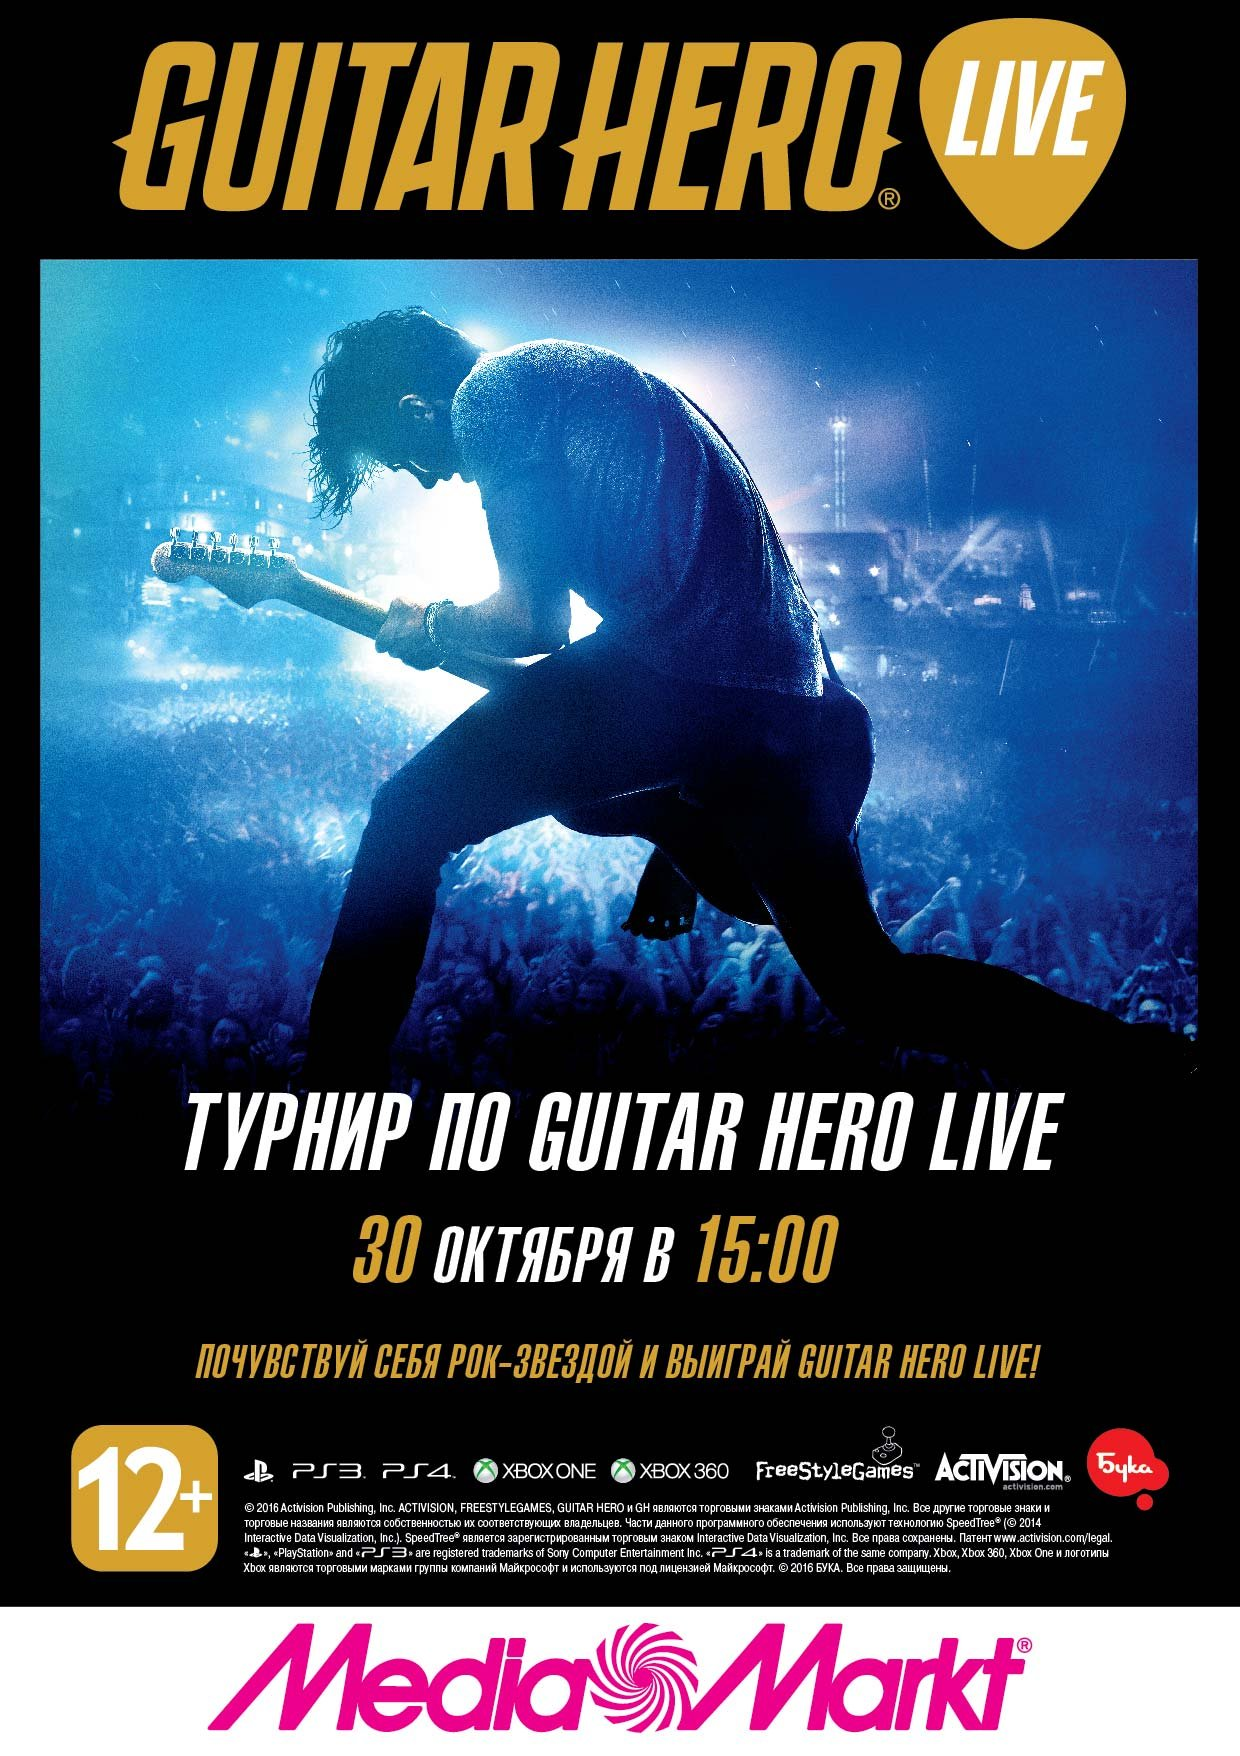 Горячий турнир по Guitar Hero Live в Санкт-Петербурге! - Изображение 1